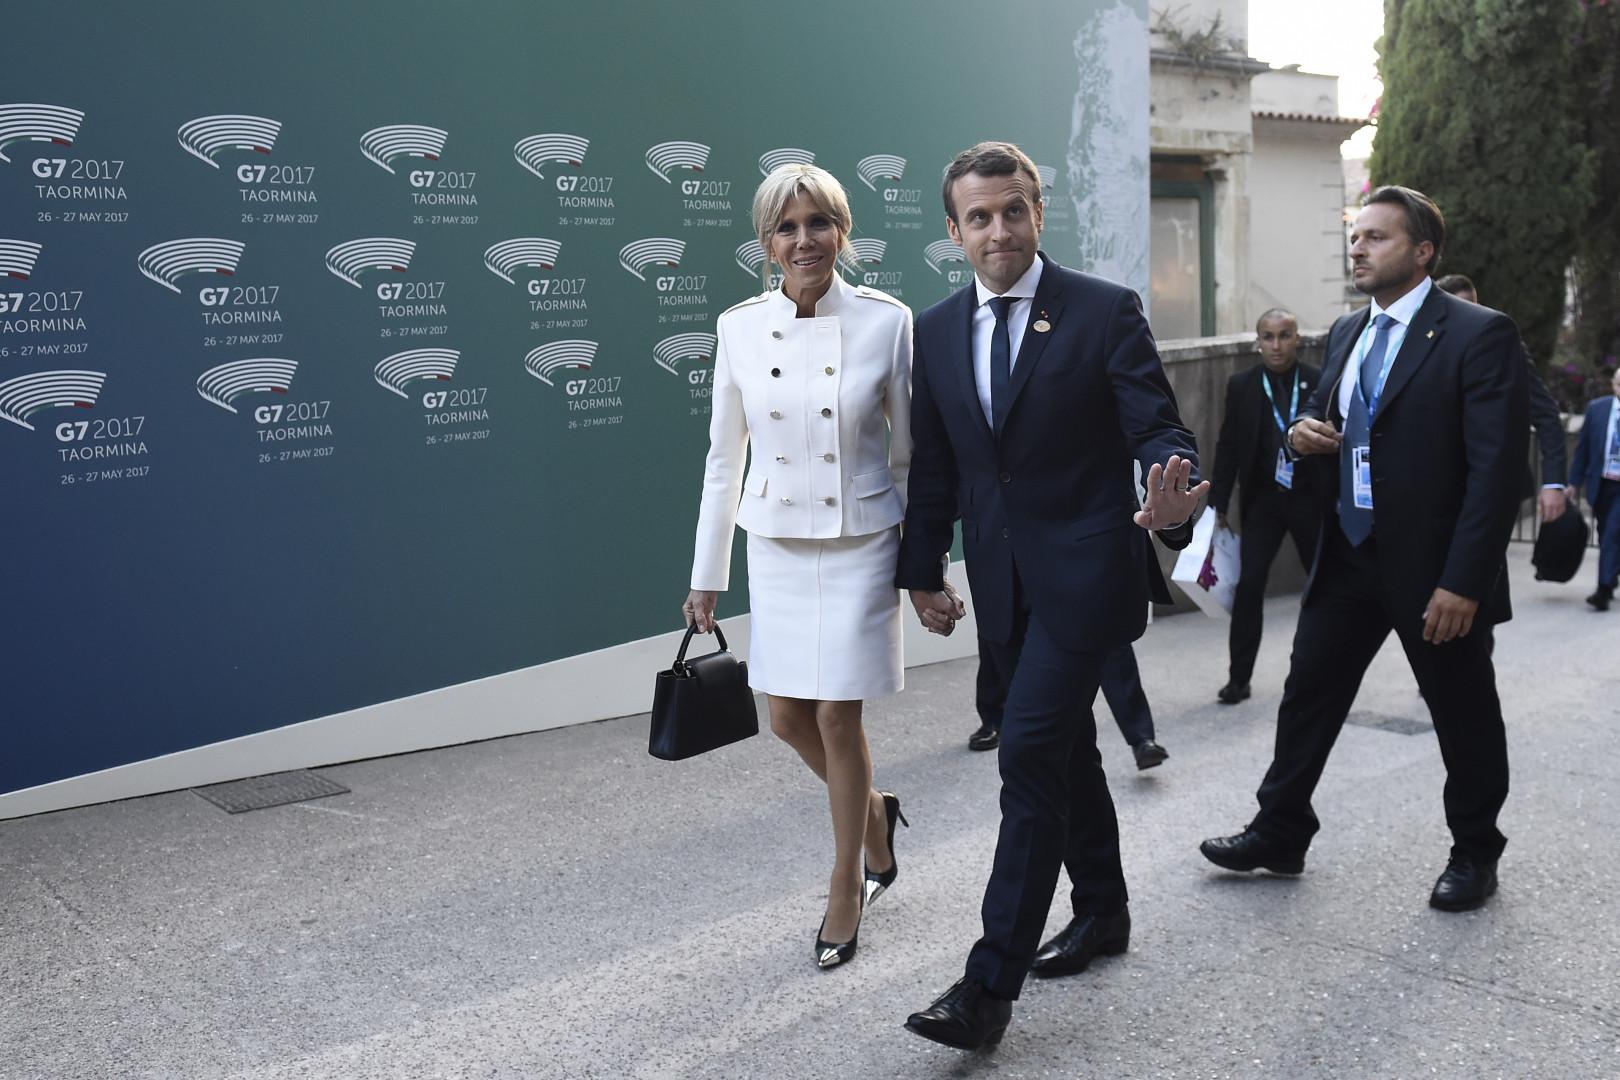 Le couple Macron, le 26 mai 2017 lors du sommet du G7 en Sicile